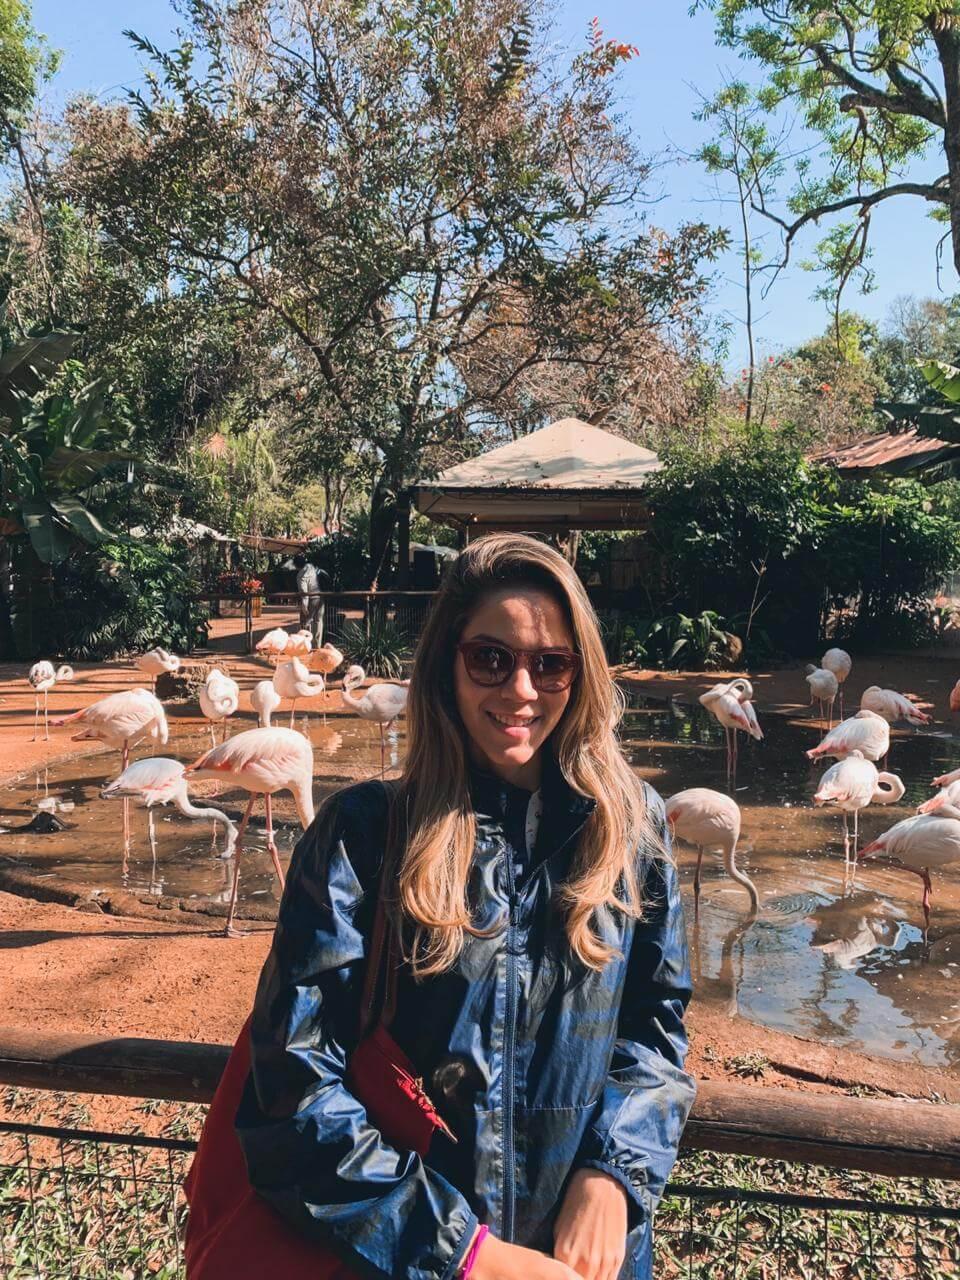 Manuela Brasão sorri no Parque das Aves em Foz do Iguaçu com flamingos do parque ao fundo.